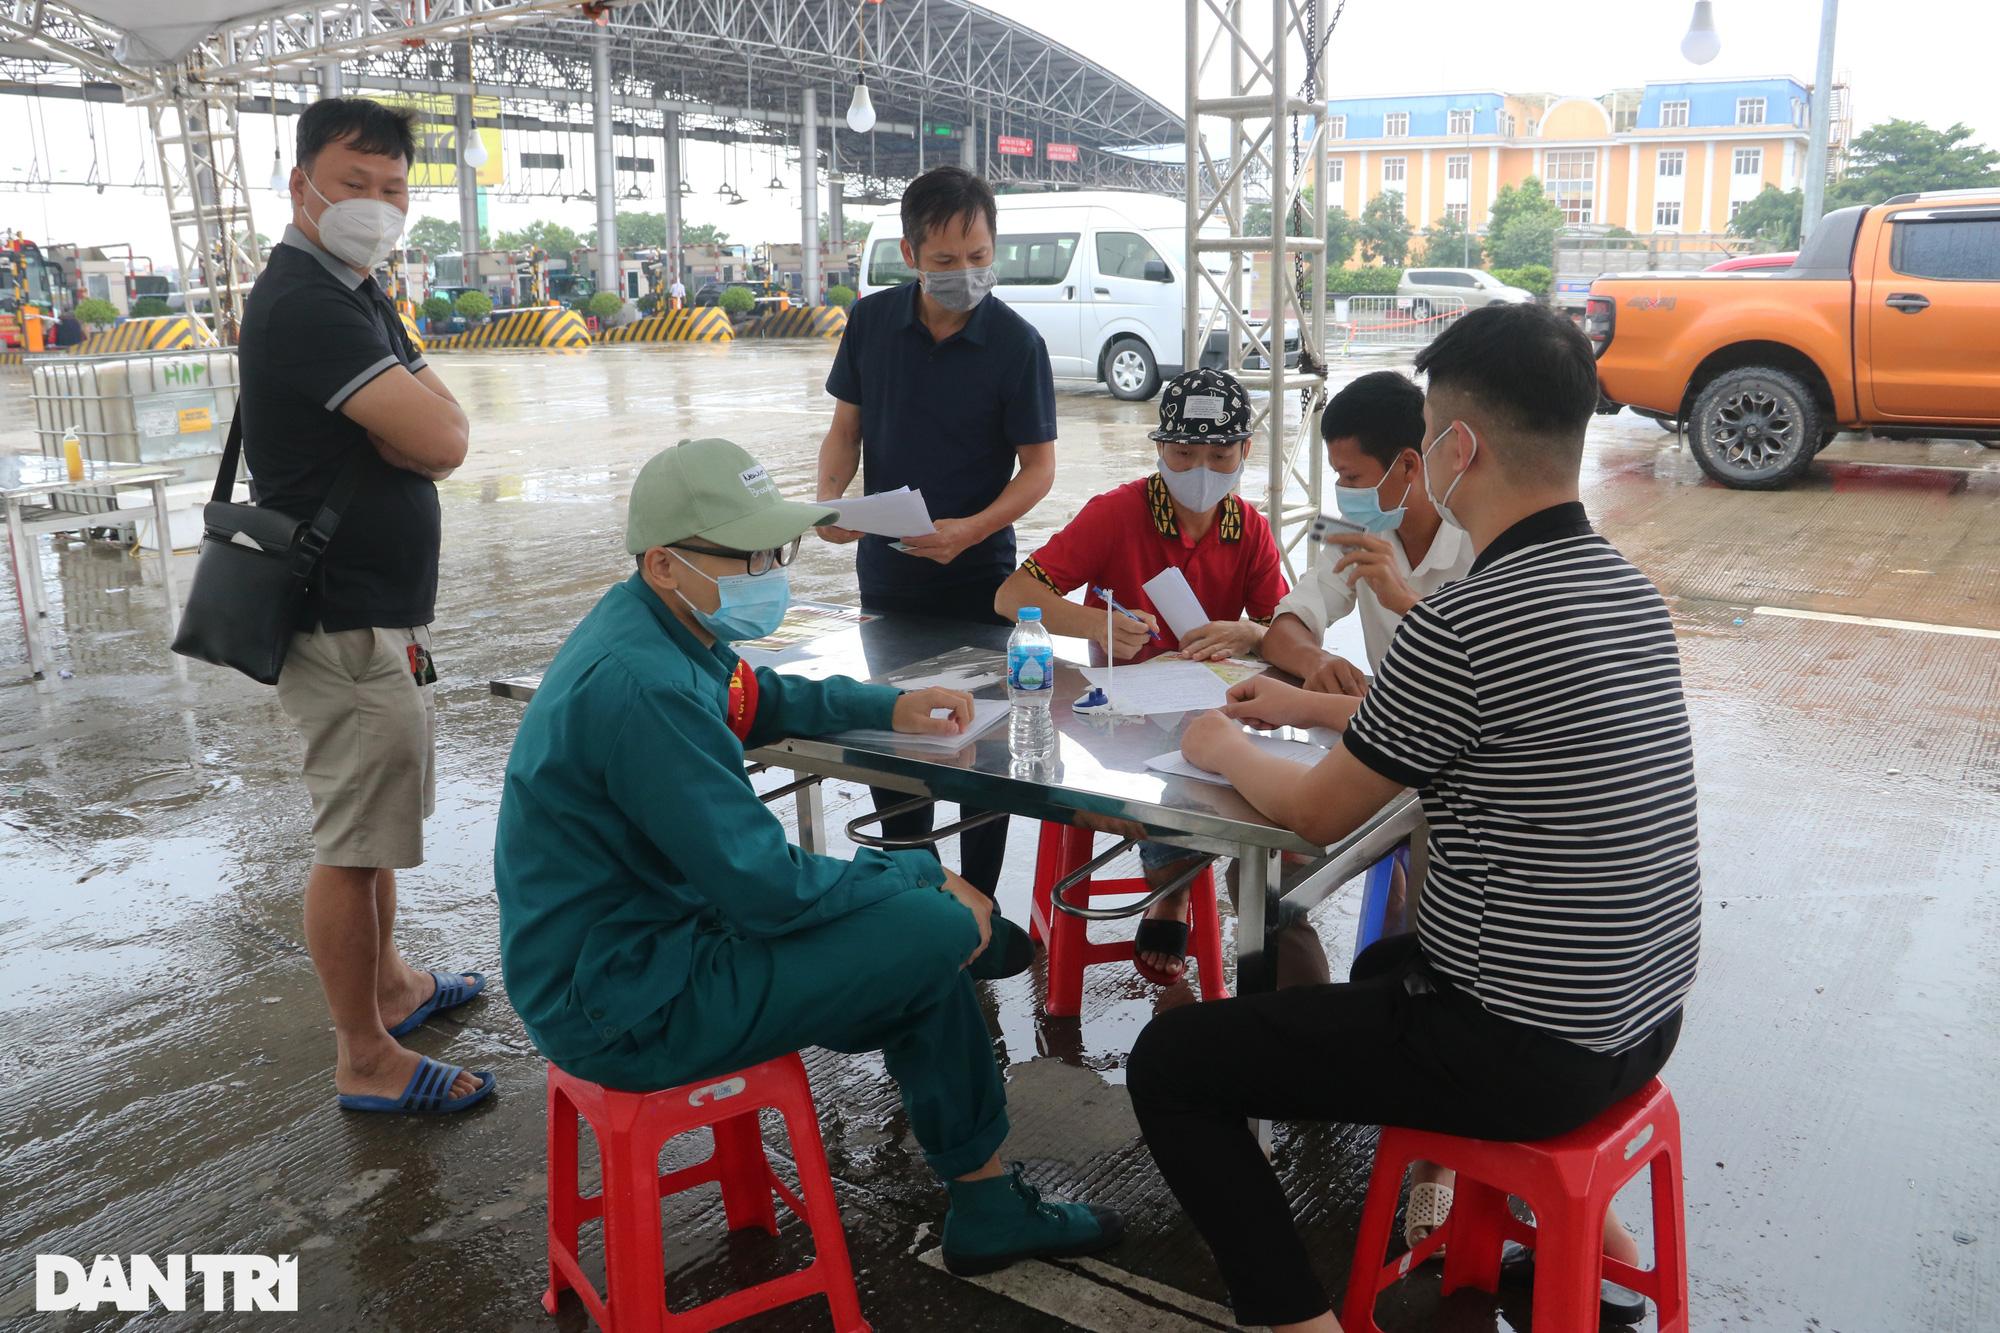 Hà Nội: Đội mưa làm thủ tục qua chốt cửa ngõ, nhiều người phải quay đầu - Ảnh 5.